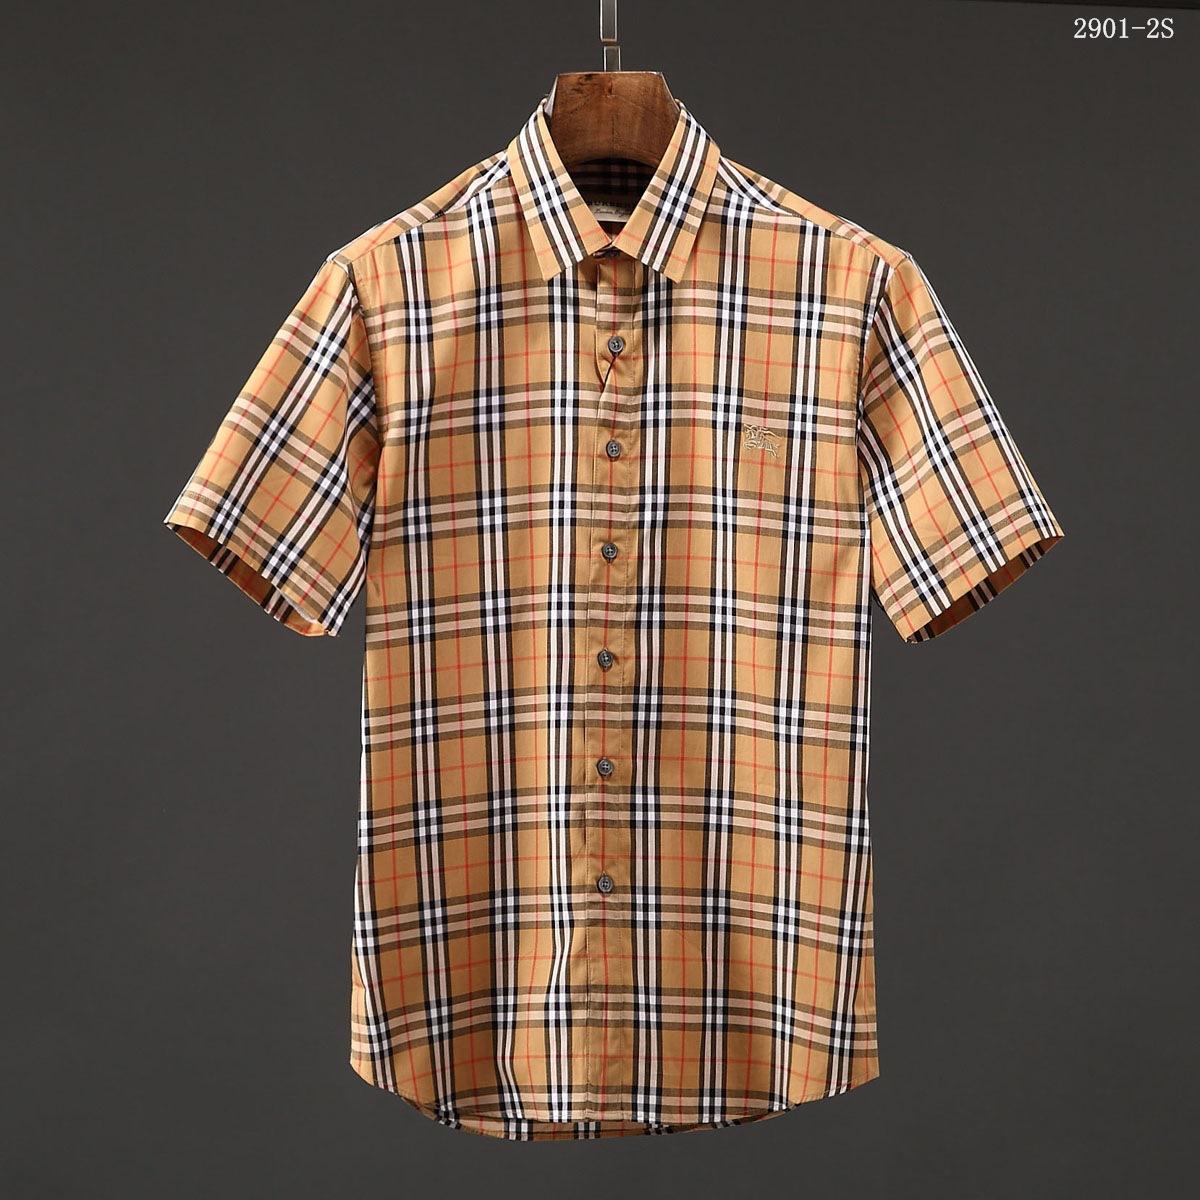 品牌原单格子衬衫 男短袖咖啡色小格子经典男款衬衣卡其格子衫潮